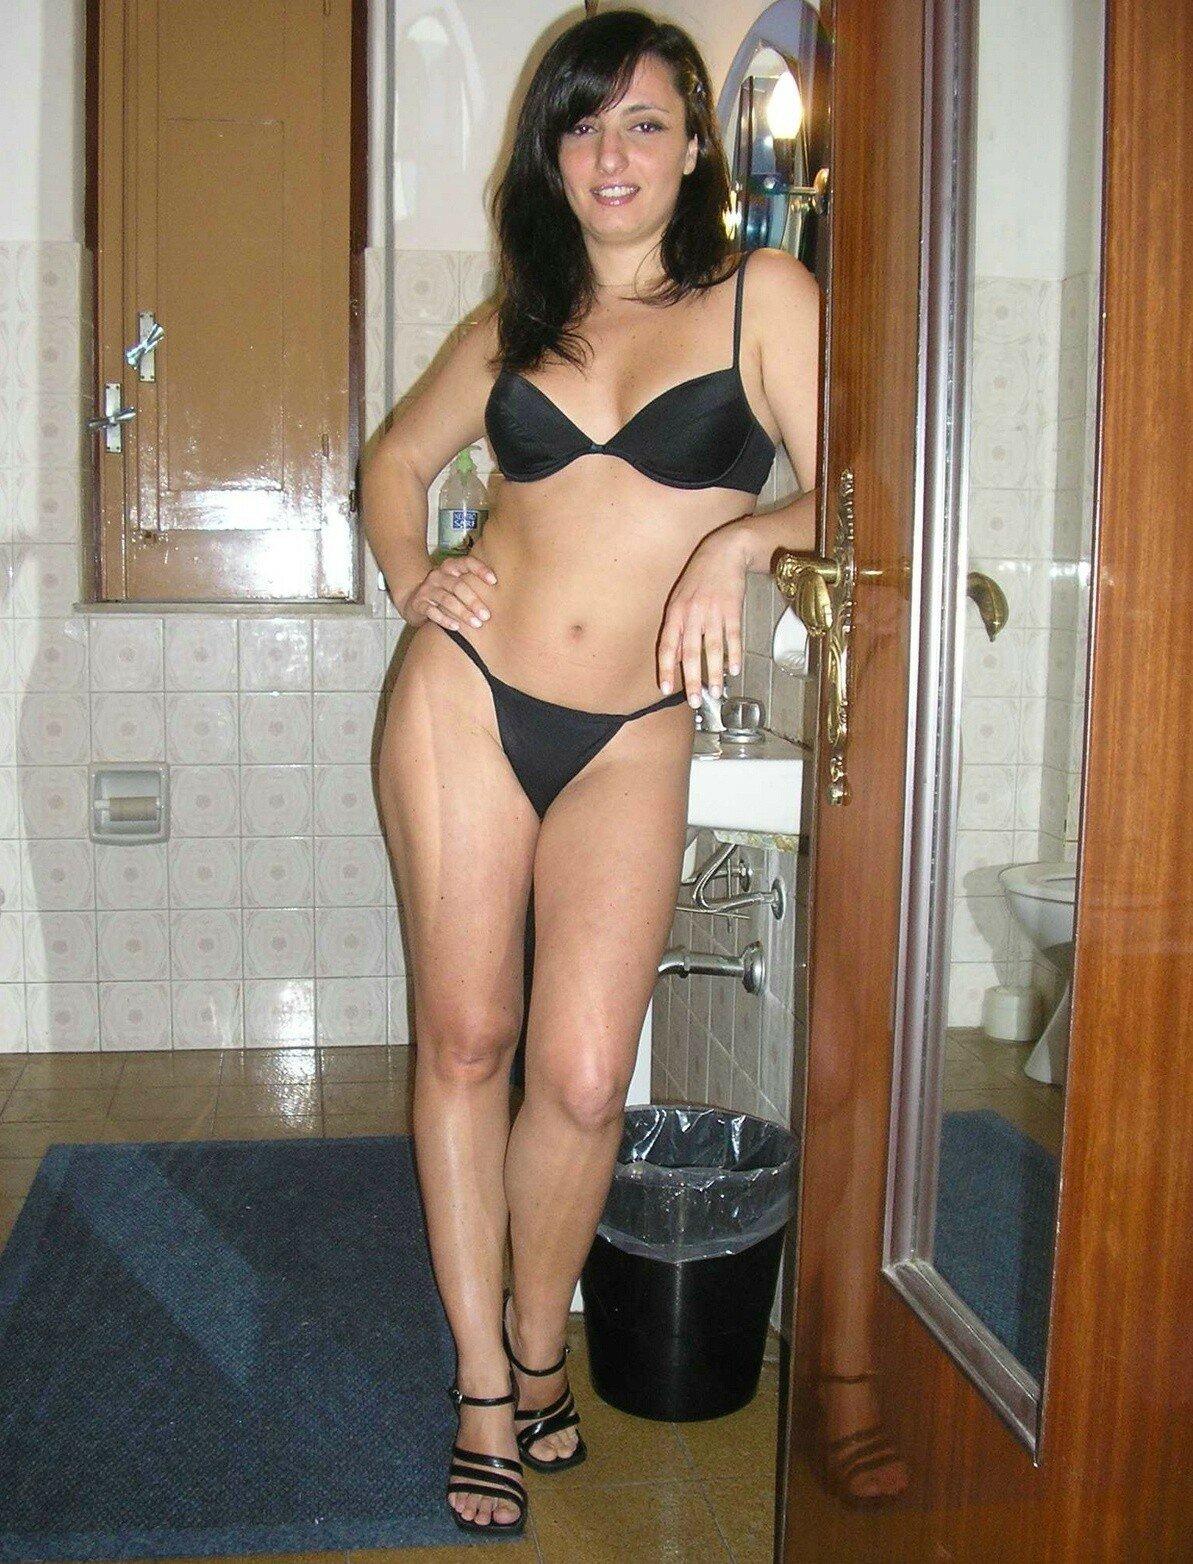 Домашние фото красивых русских девушек со стройными фигурами в нижнем белье и без него